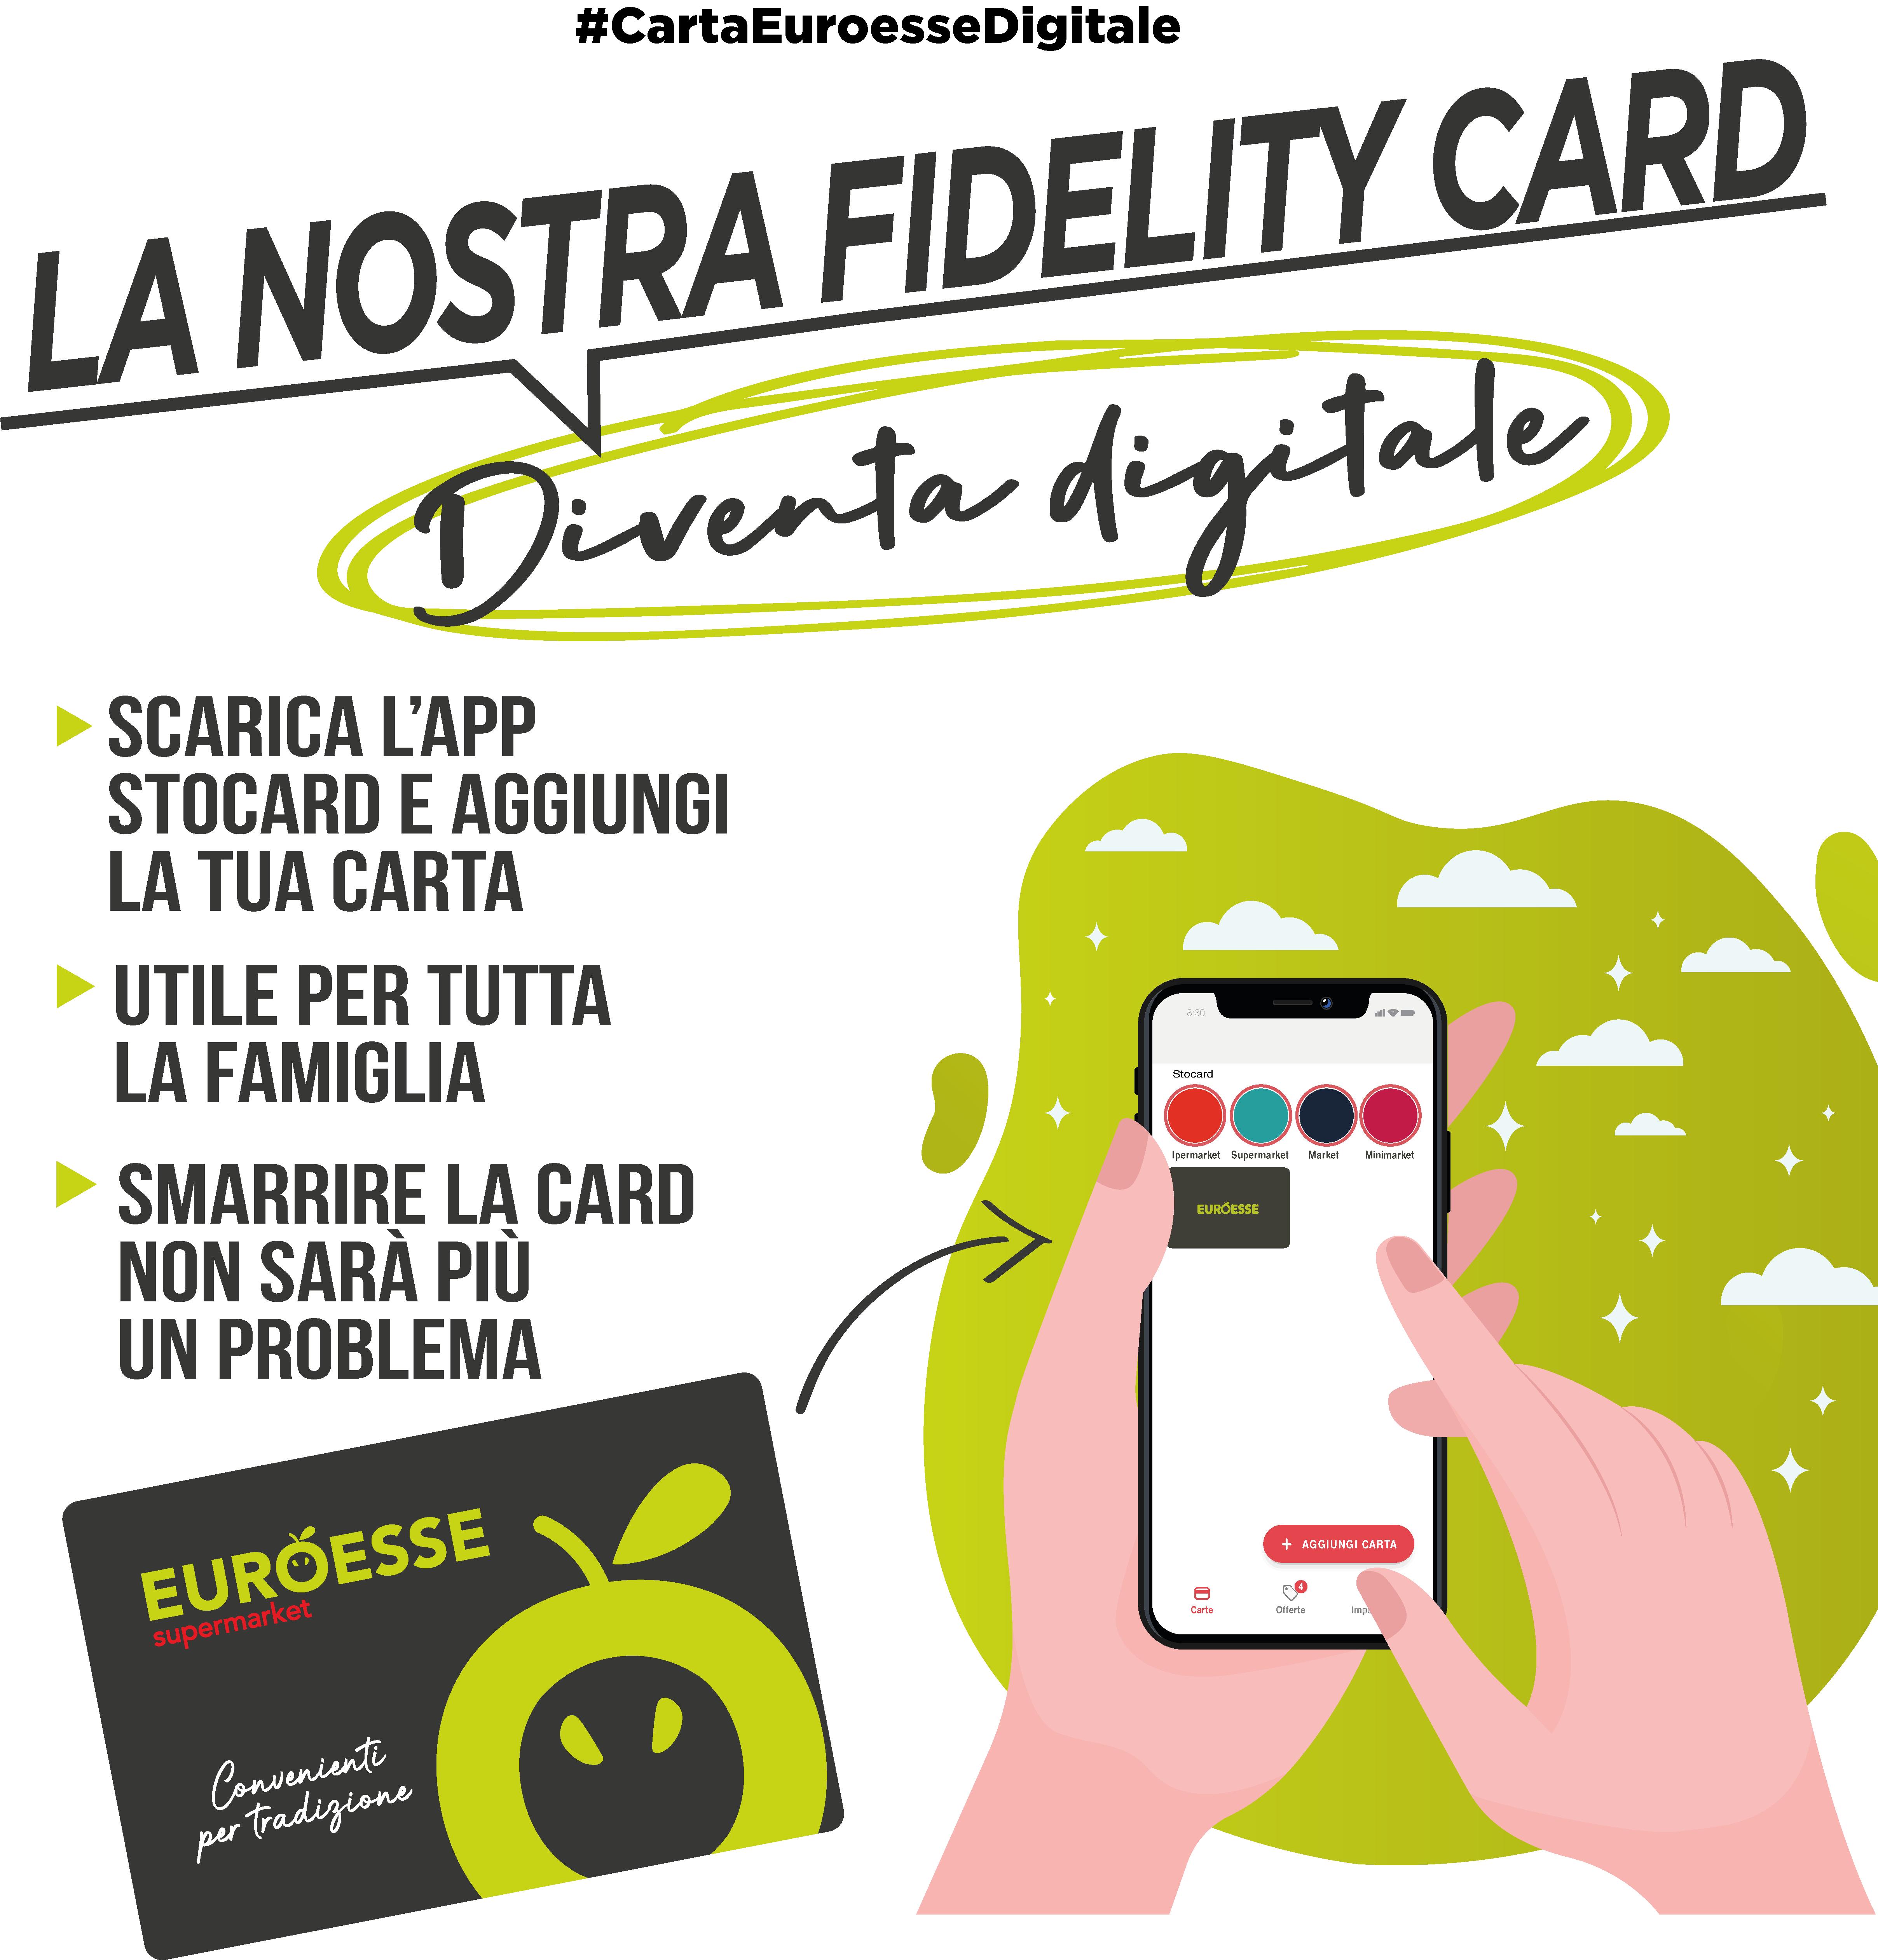 Fidelity Card digitale